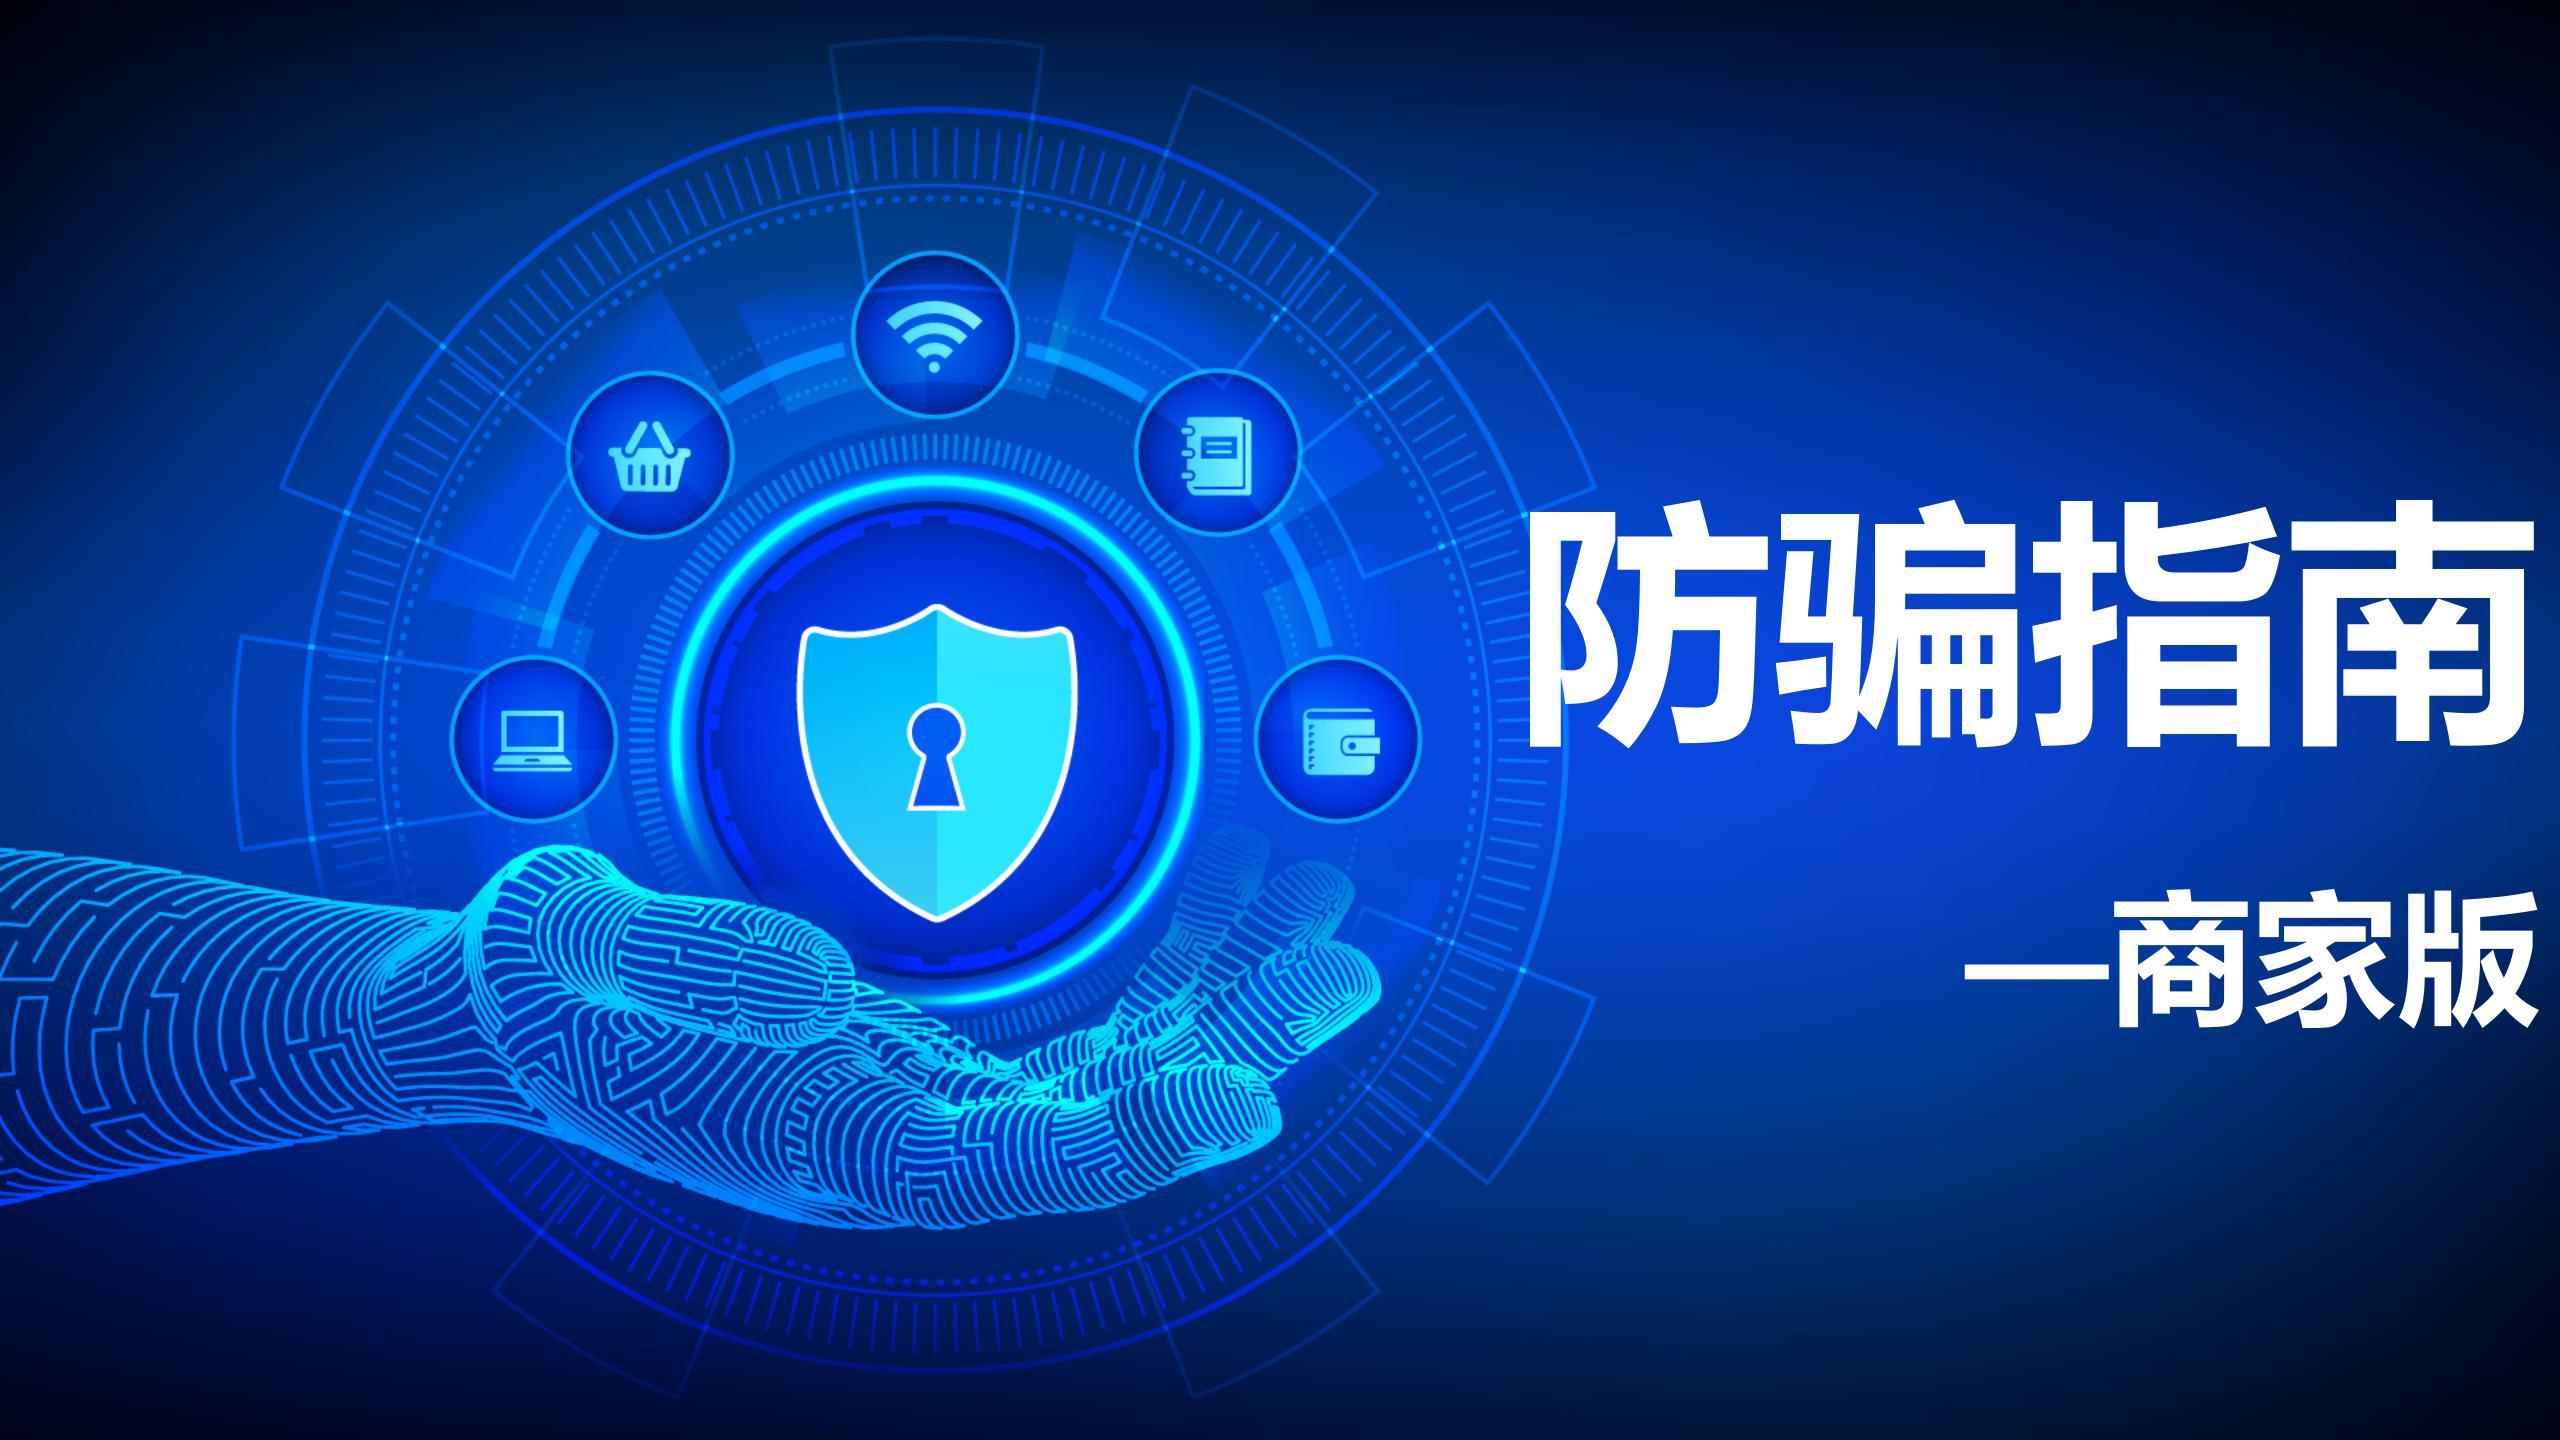 商家防骗指南:诈骗套路解析,保障资金安全